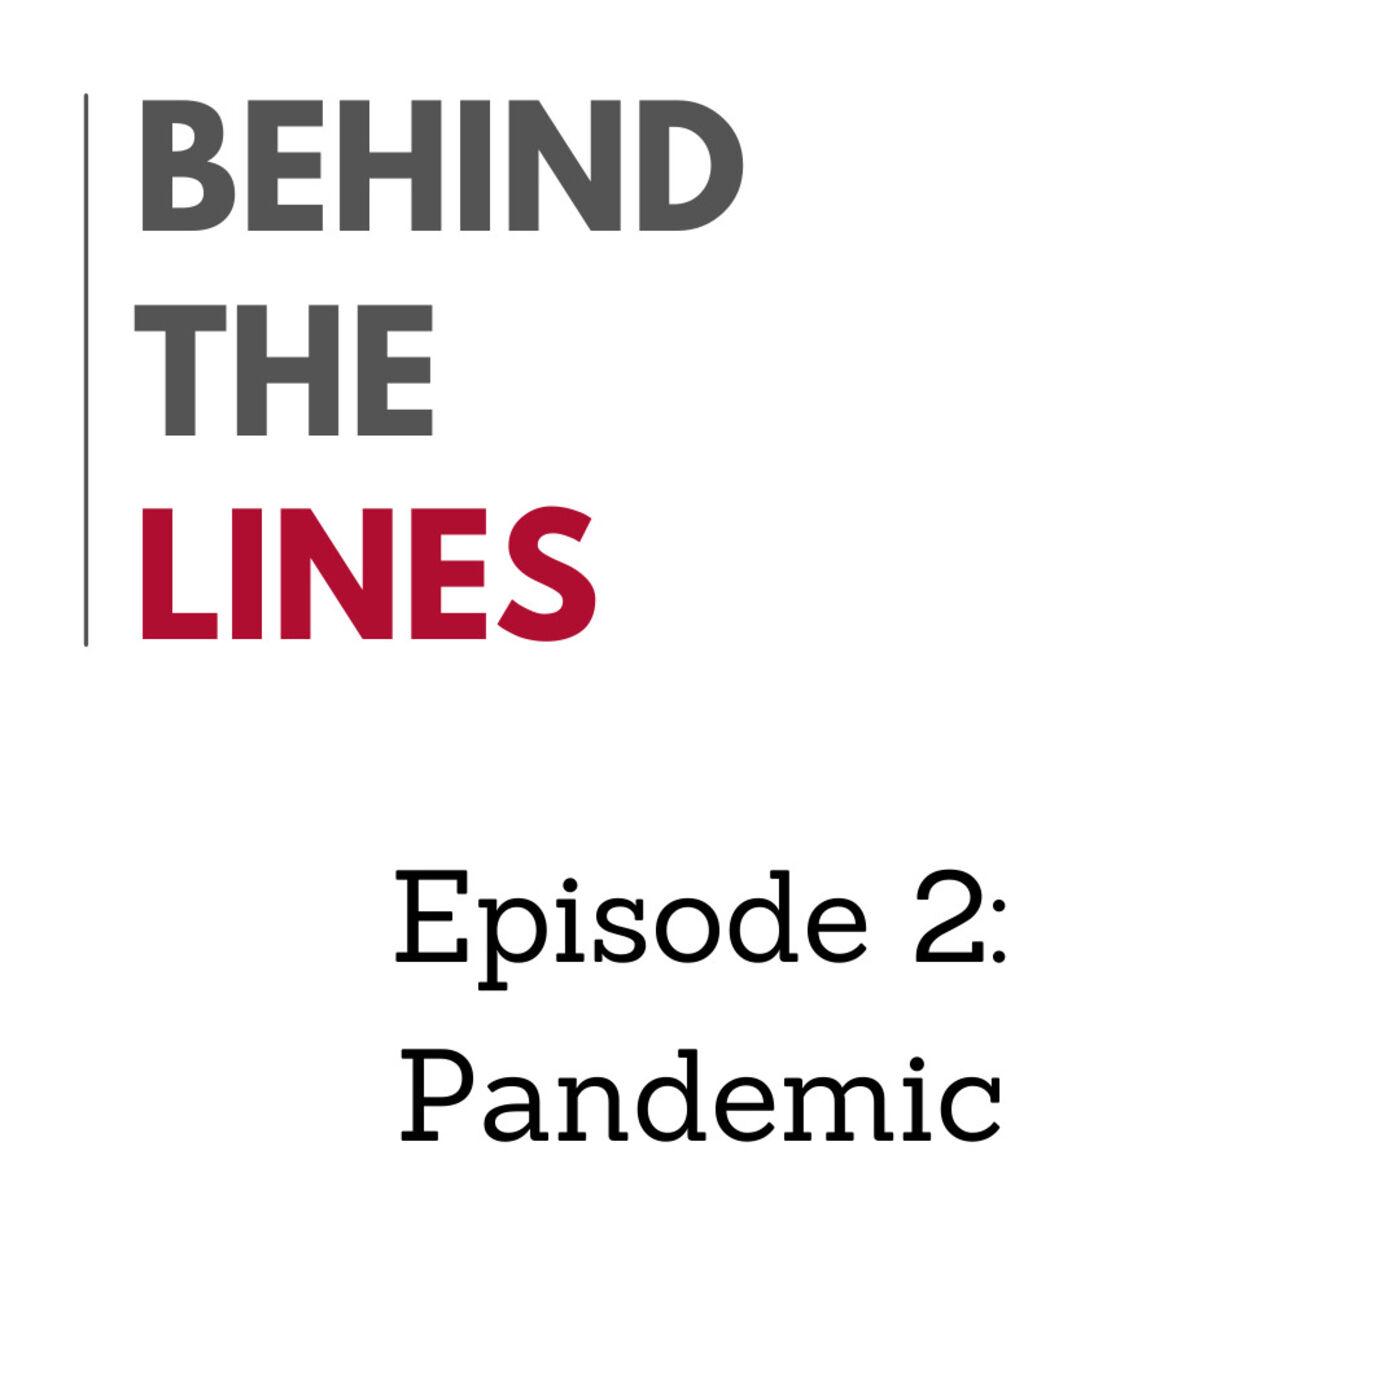 Episode 2: Pandemic